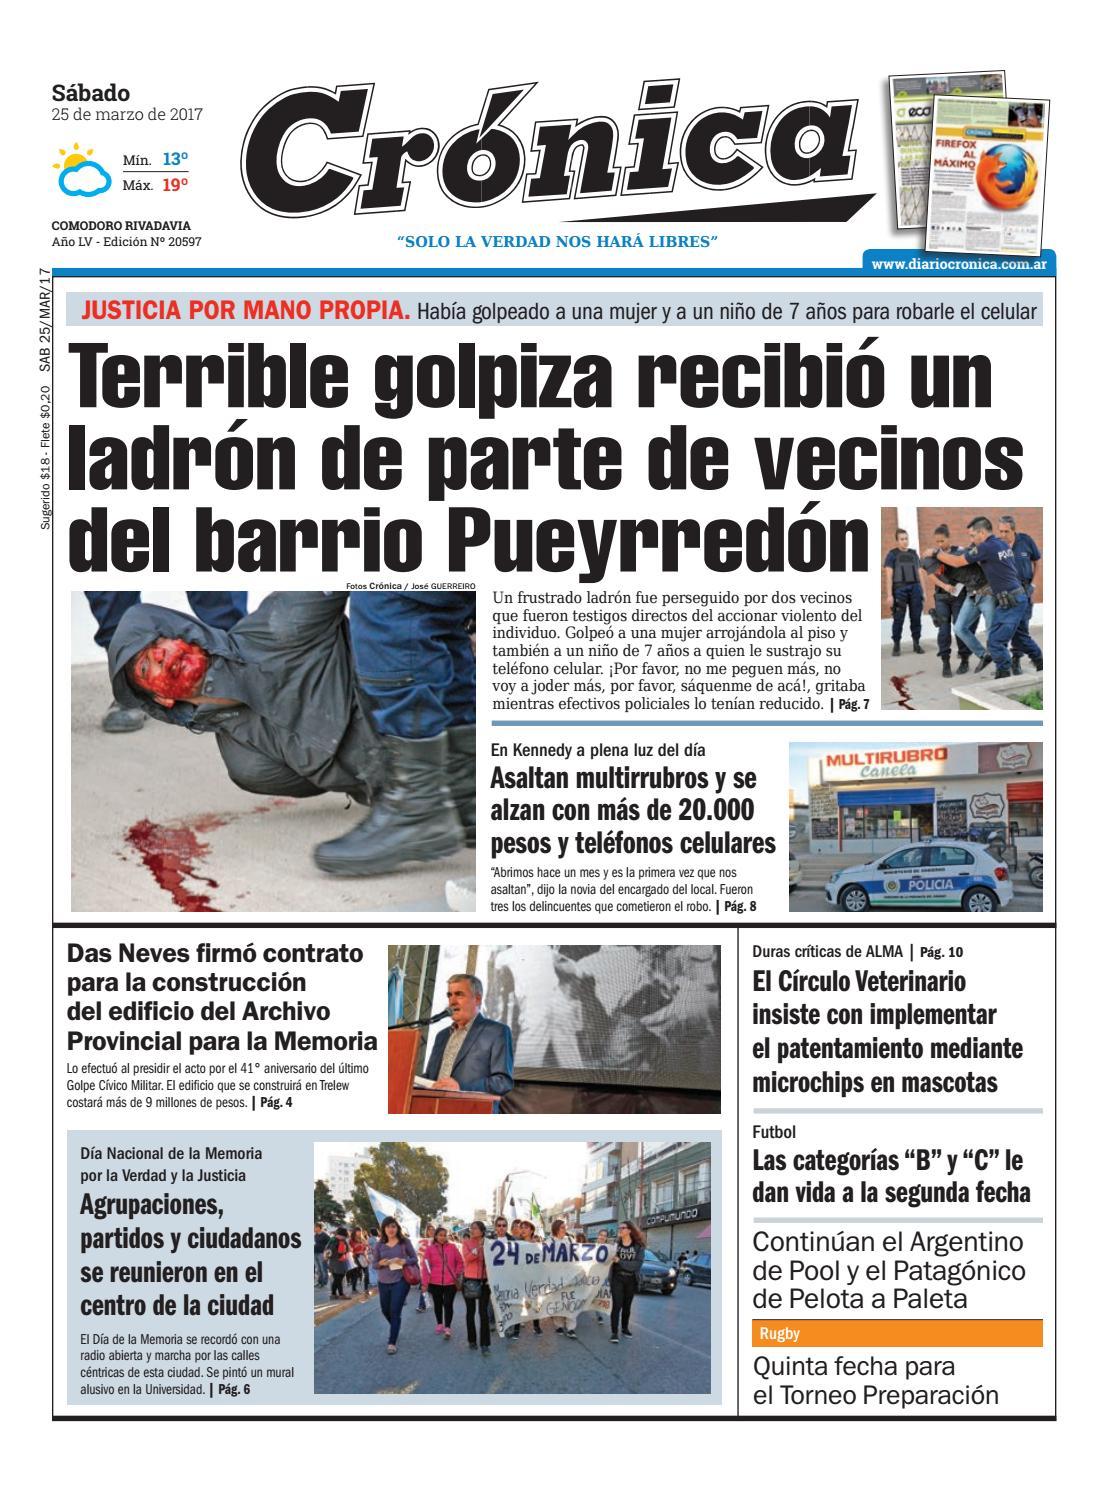 2f2947bae91b2 80b415733ff461a5a56cfc9bc476bdaa by Diario Crónica - issuu